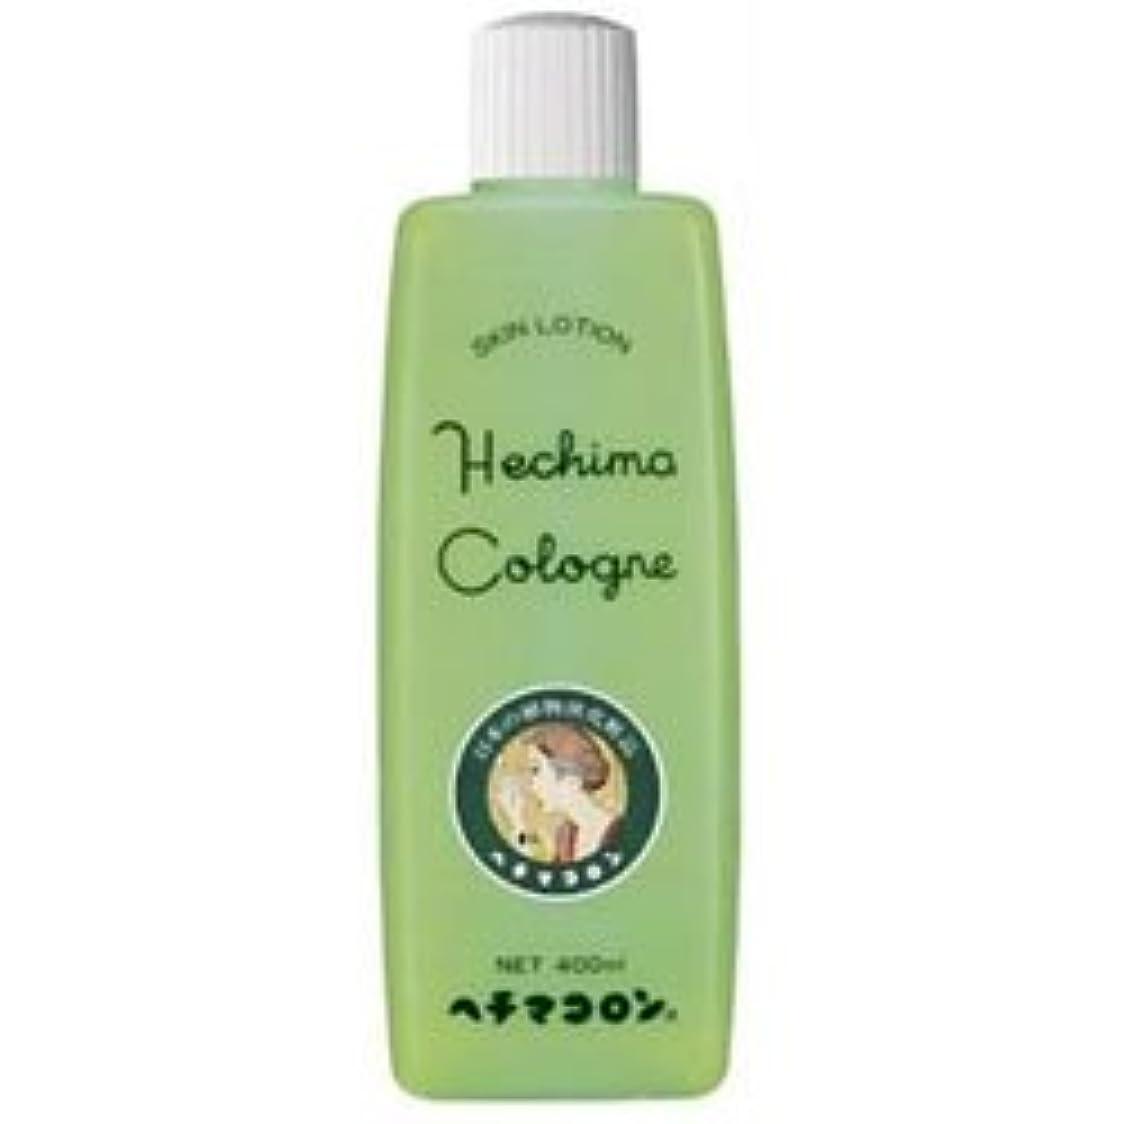 延ばす一生消化【ヘチマコロン】ヘチマコロンの化粧水 400ml ×10個セット